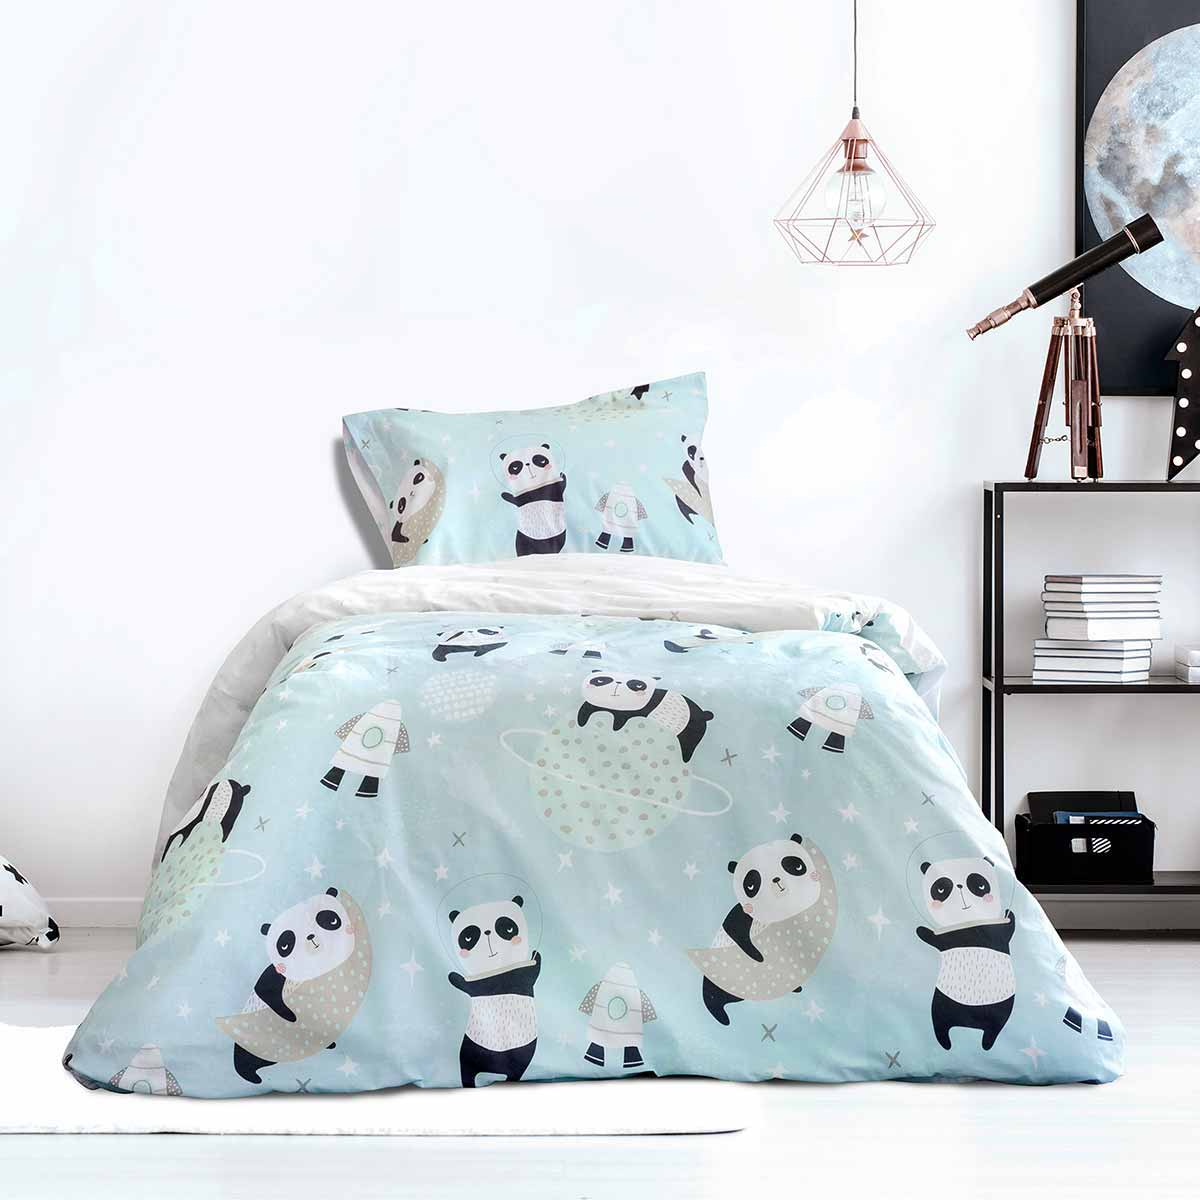 Σεντόνια Μονά (Σετ) Kocoon Space Panda ΜΕ ΛΑΣΤΙΧΟ 100×200+30 ΜΕ ΛΑΣΤΙΧΟ 100×200+30